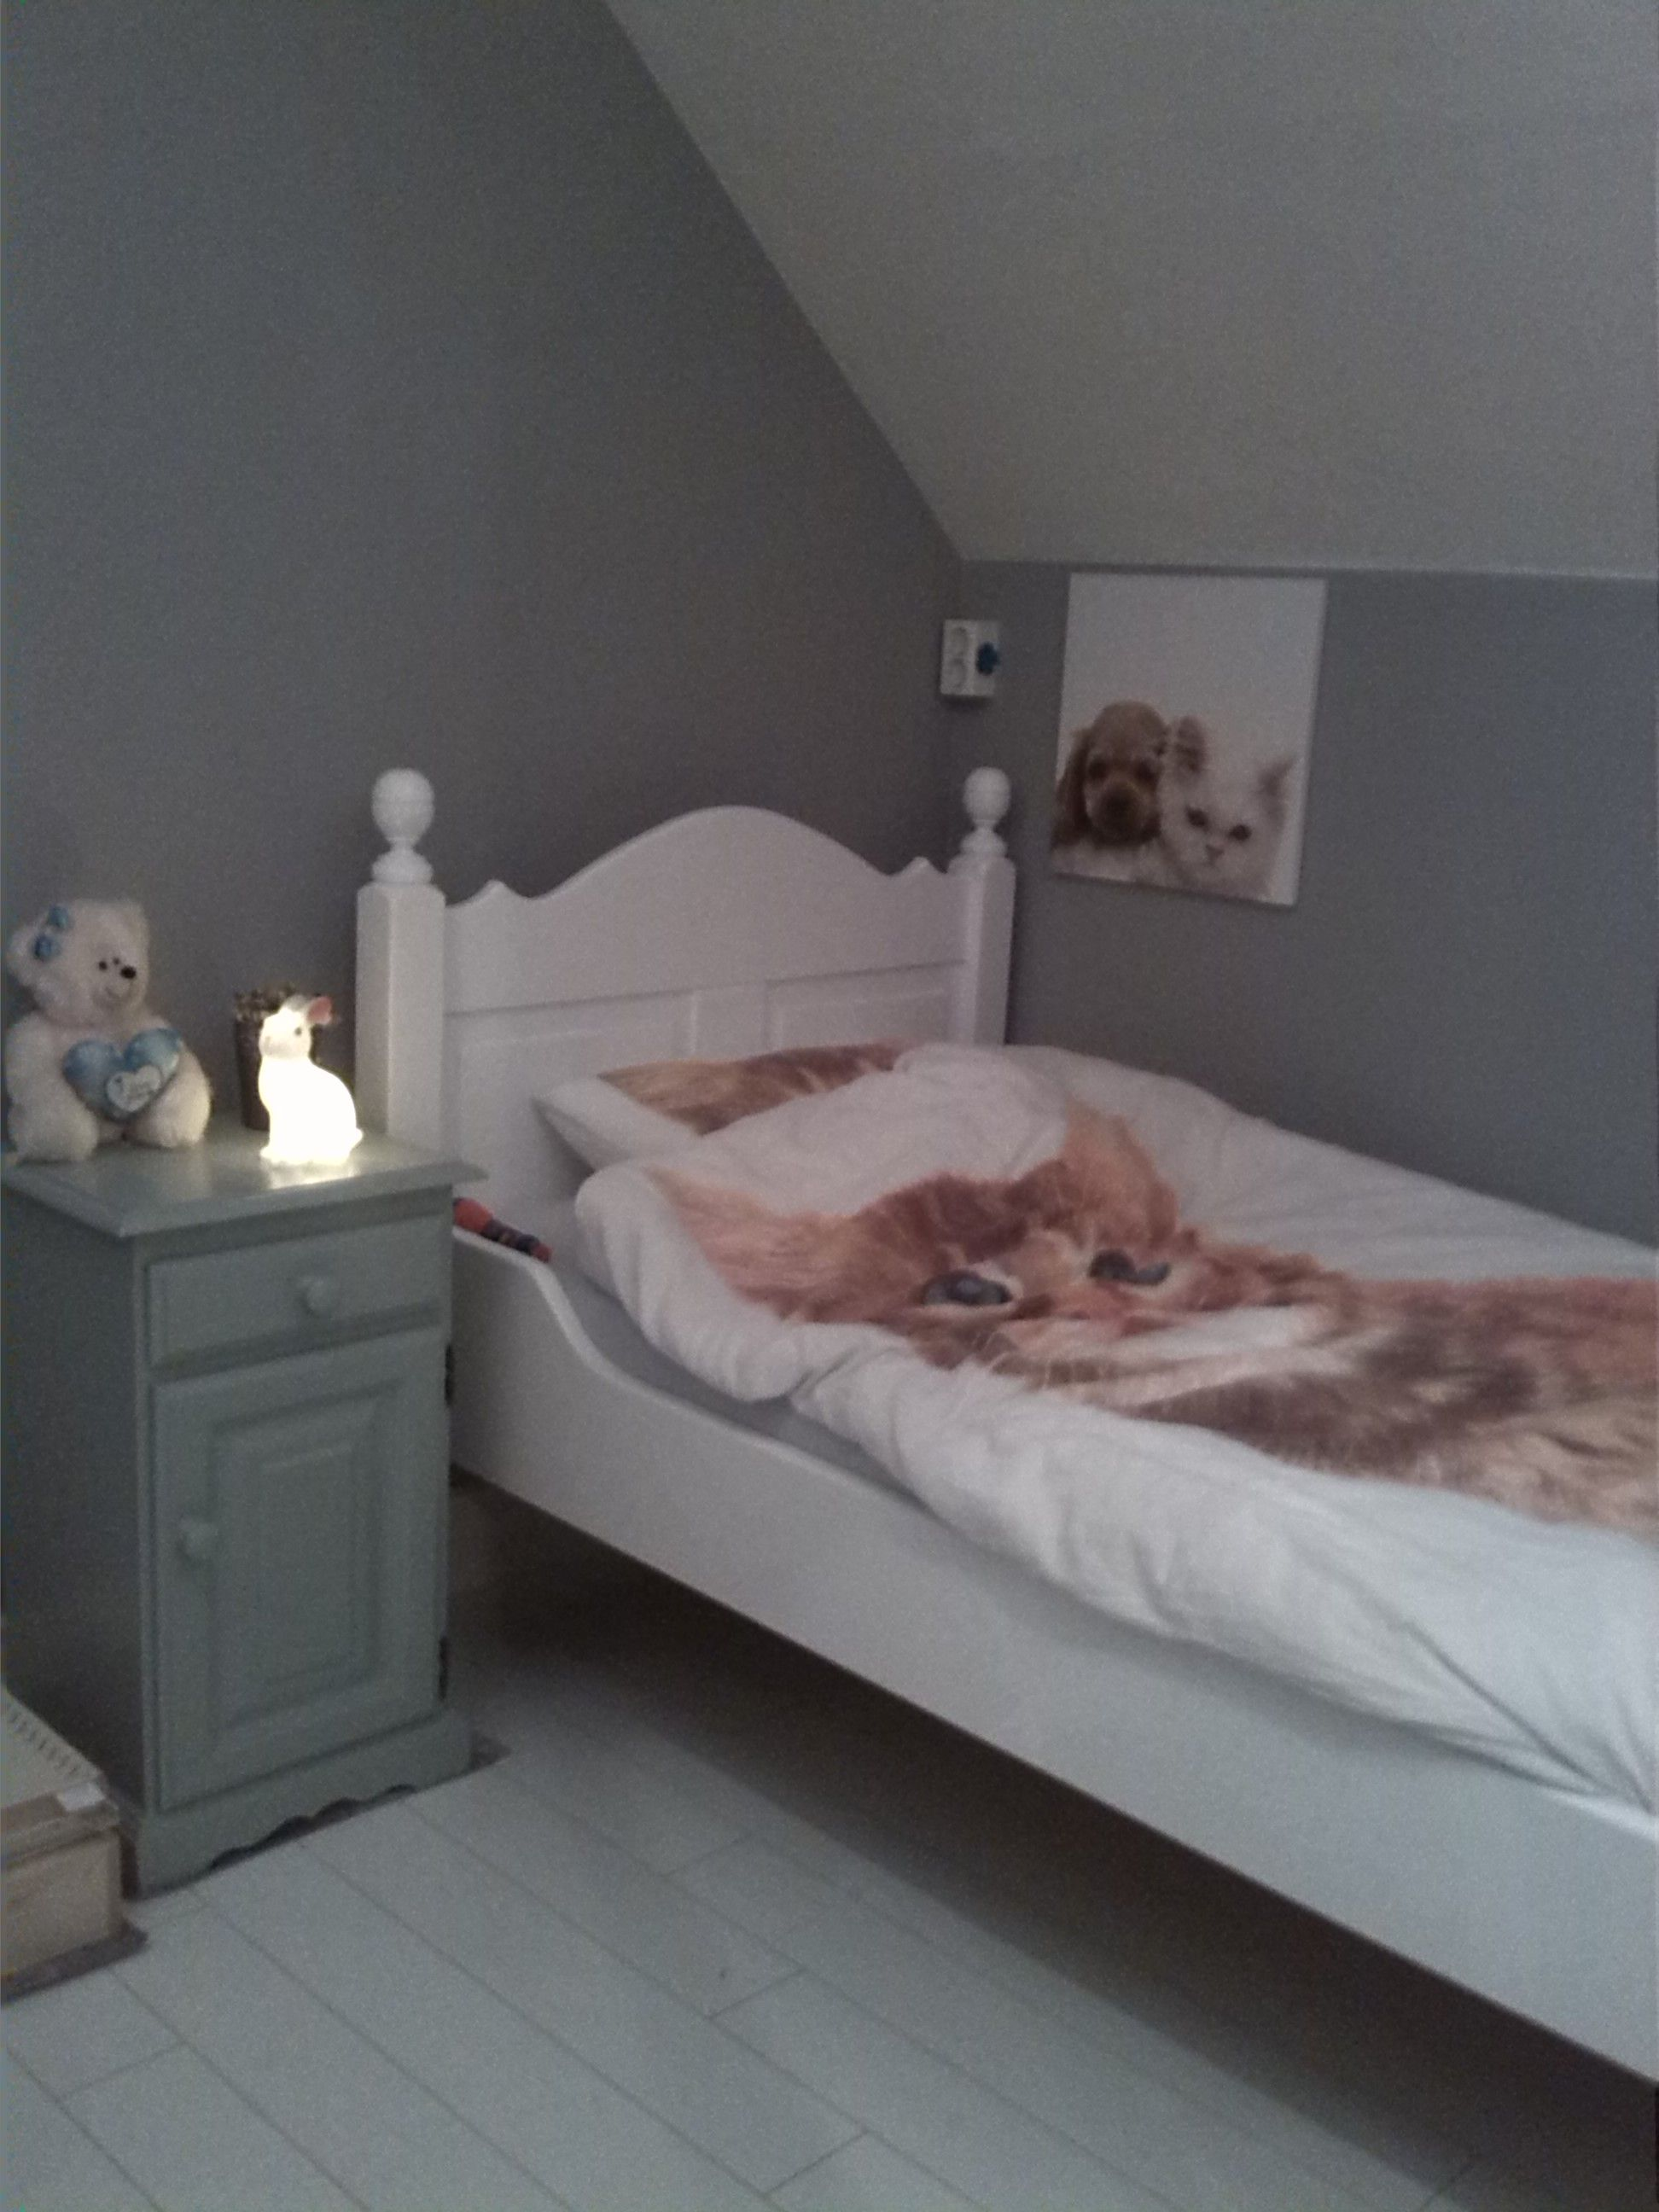 Painting The Bedroom Slaapkamer Van Mijn Zoontje Muren Painting The Past Dutch Grey